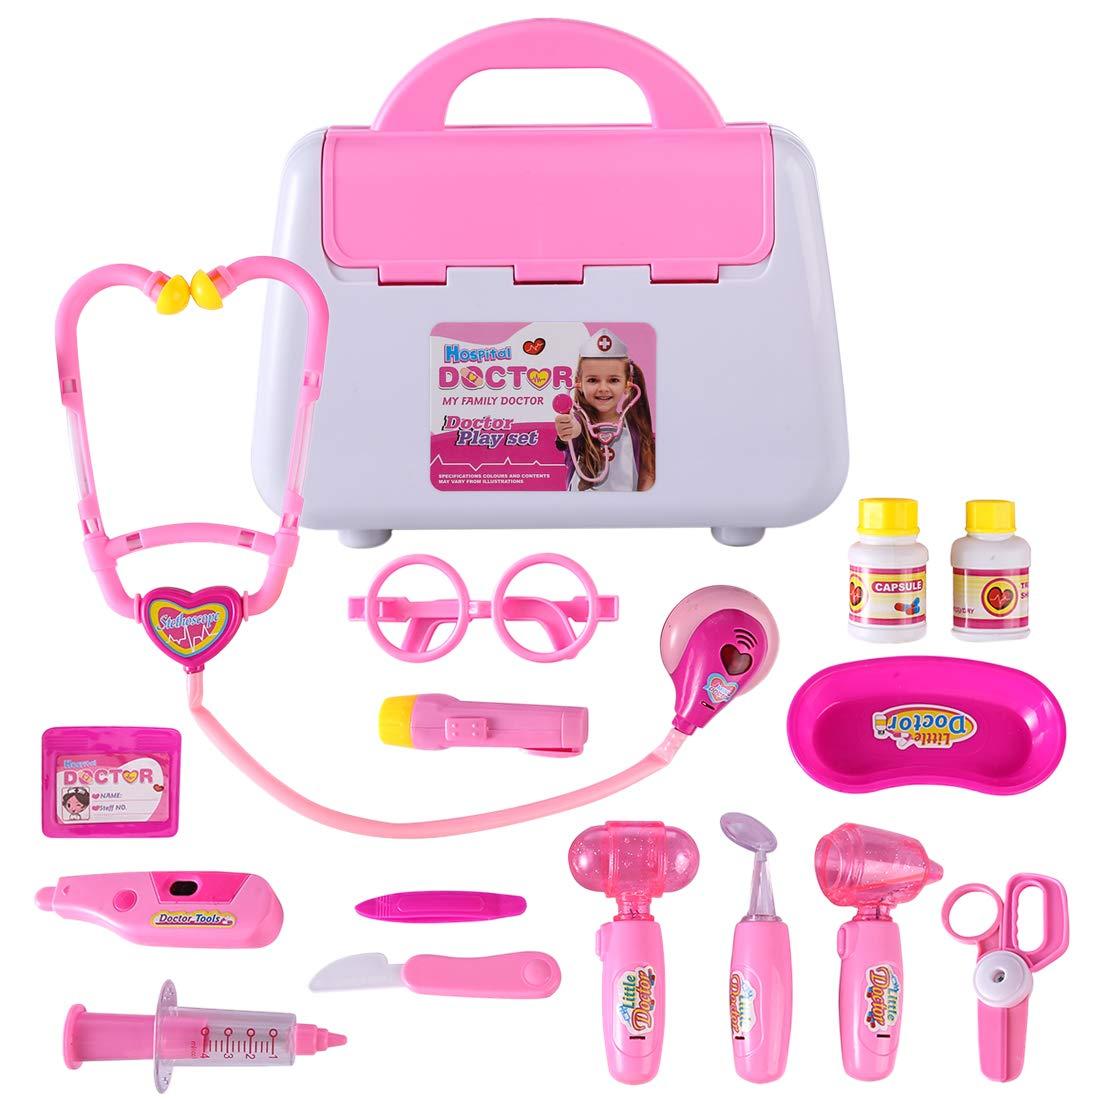 LDB SHOP 15 Stück Emulational Spielzeug Kit Doktor Stethoskop Arzt Arztkoffer Arzt Spielzeug Kinderarztkoffer Medizinische Kit für Kinder - Blau